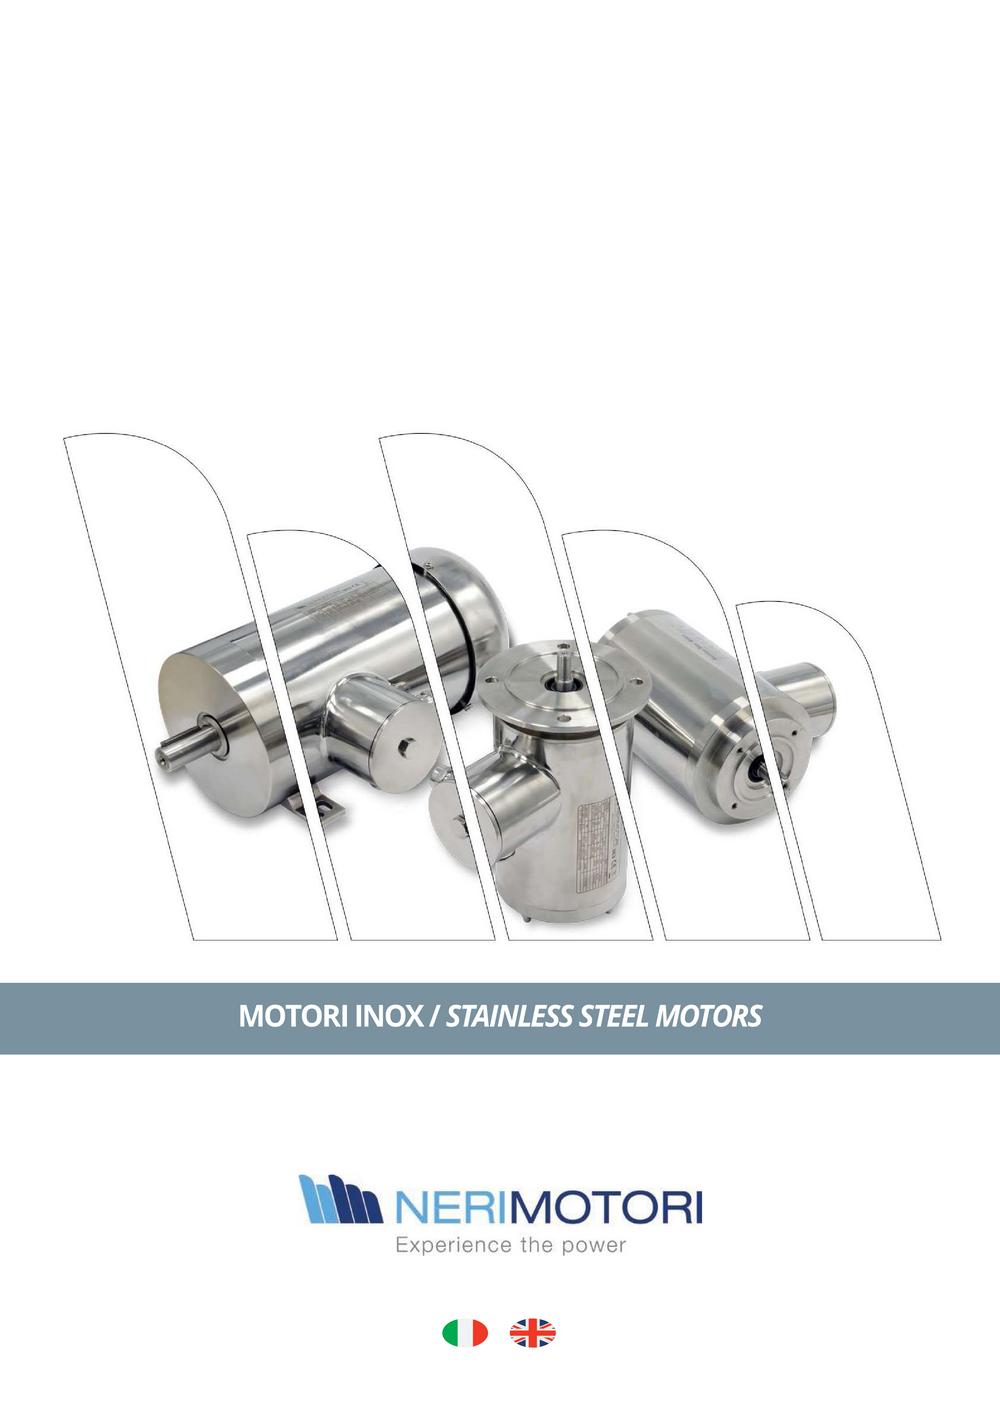 Двигатели Neri Motori из нержавеющей стали Stainless steel.